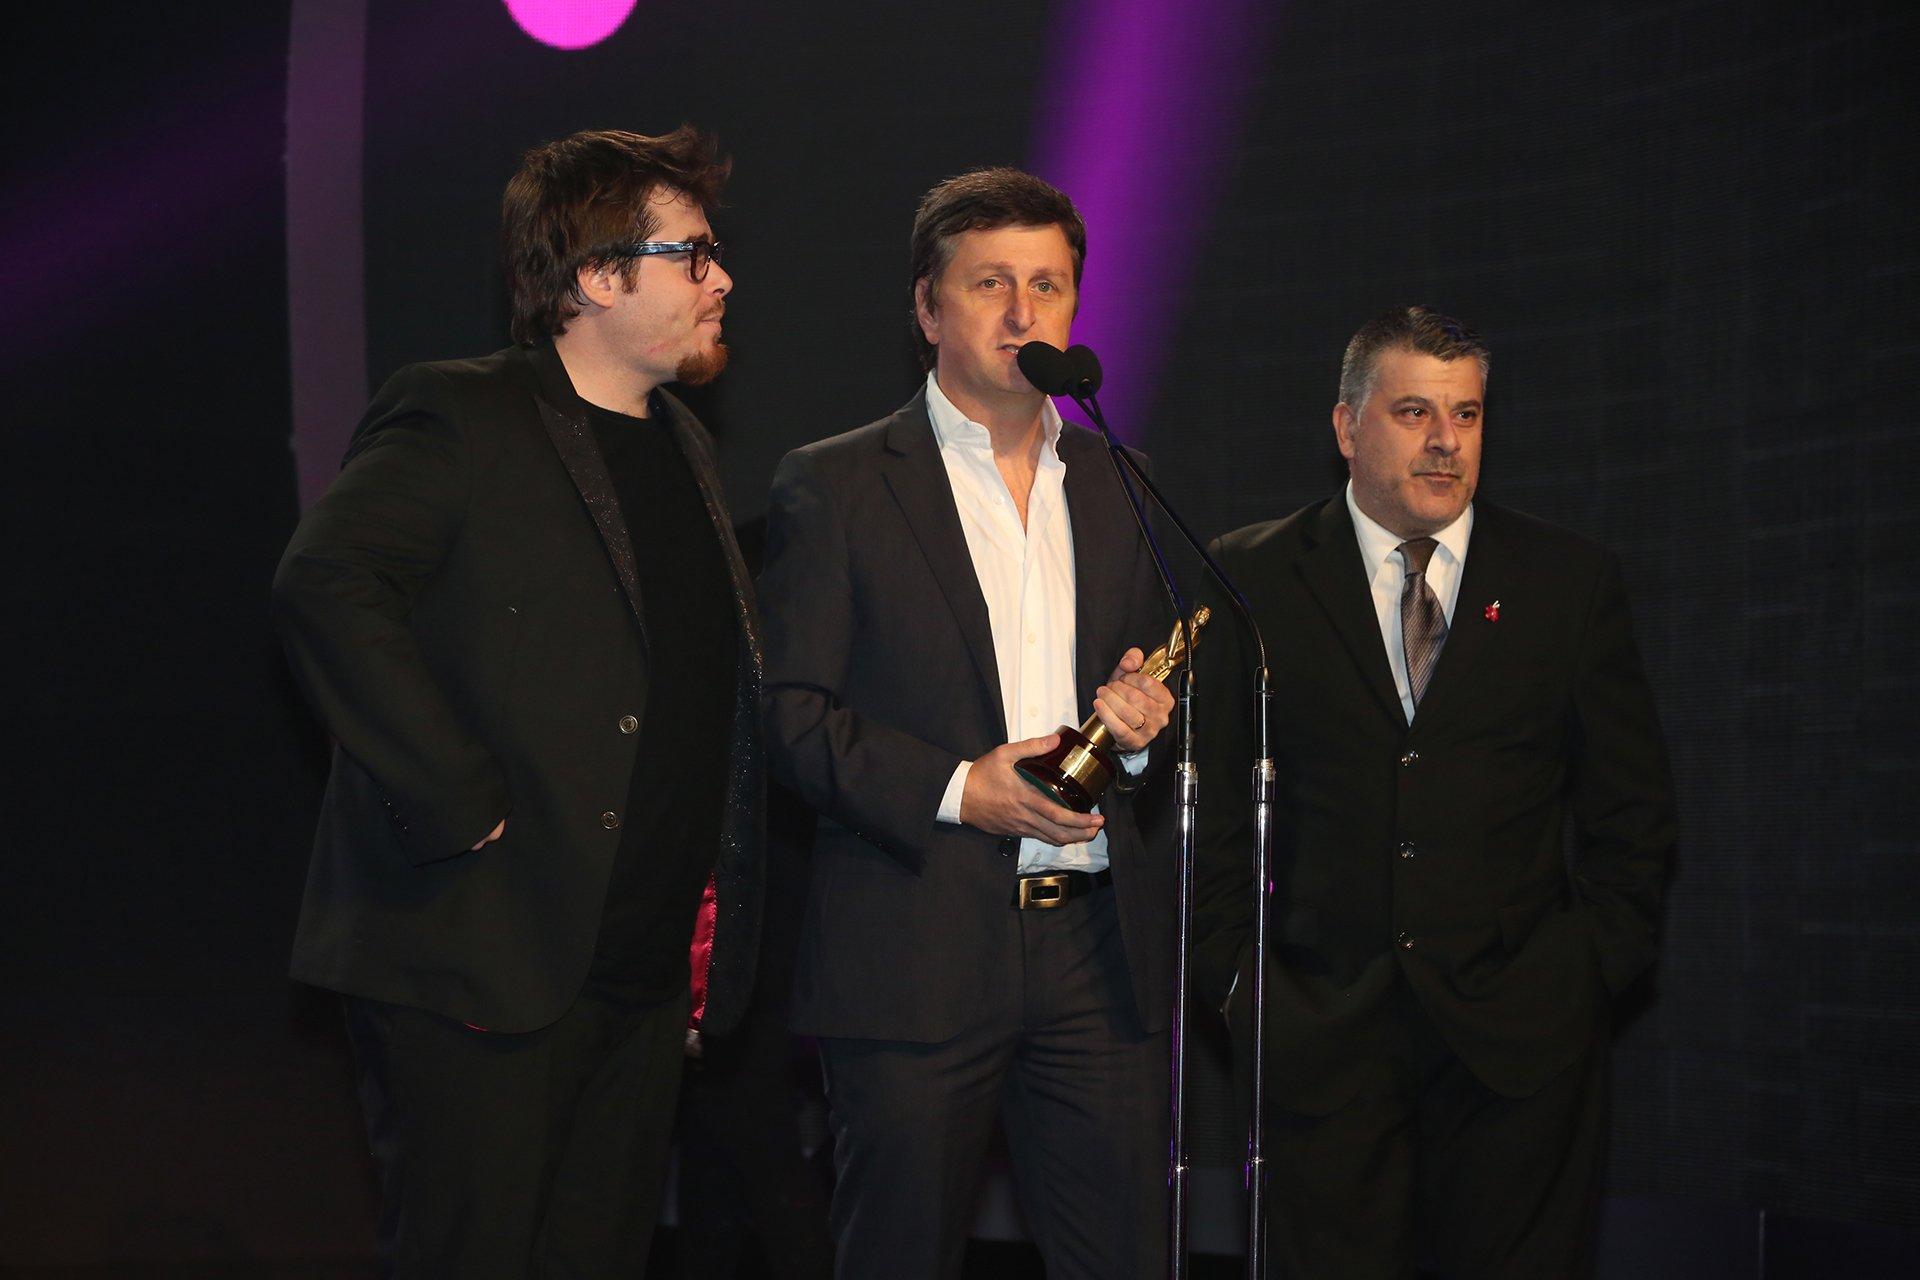 Migue Granados, Diego Korol y Pichu Strano reciben el Martín Fierro por mejor programa Humorístico, Peligro Sin Codificar (Telefe)